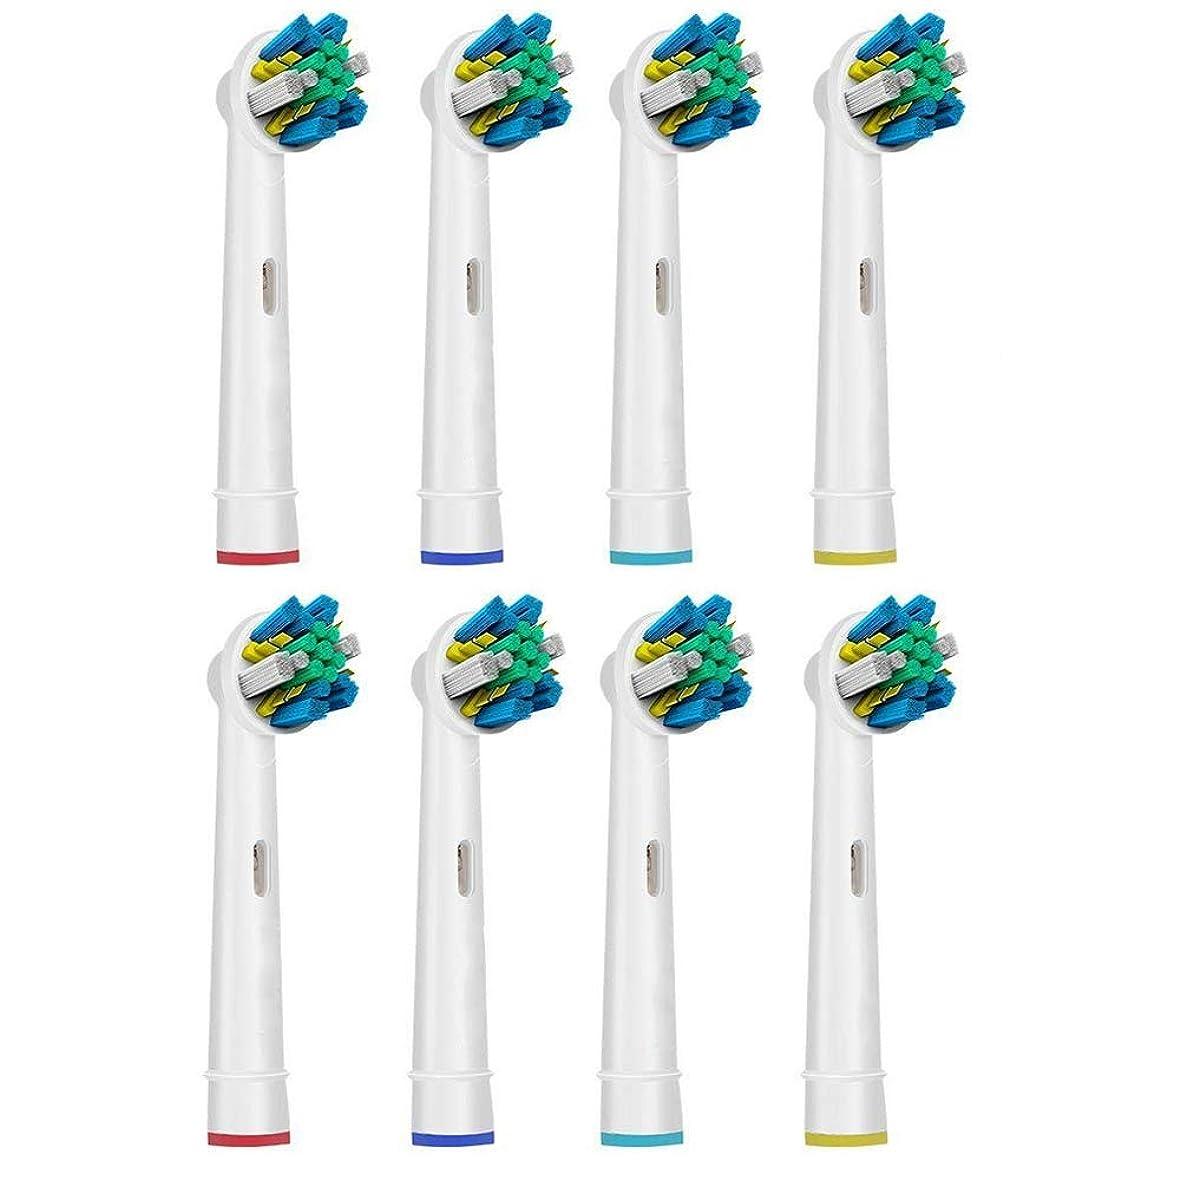 組み合わせ乗算次Proyae ブラウン オーラルB 替えブラシ 電動歯ブラシ 互換ブラシ 歯間ワイパー付ブラシ 歯垢除去?歯肉炎予防 カラーリング付 8本組